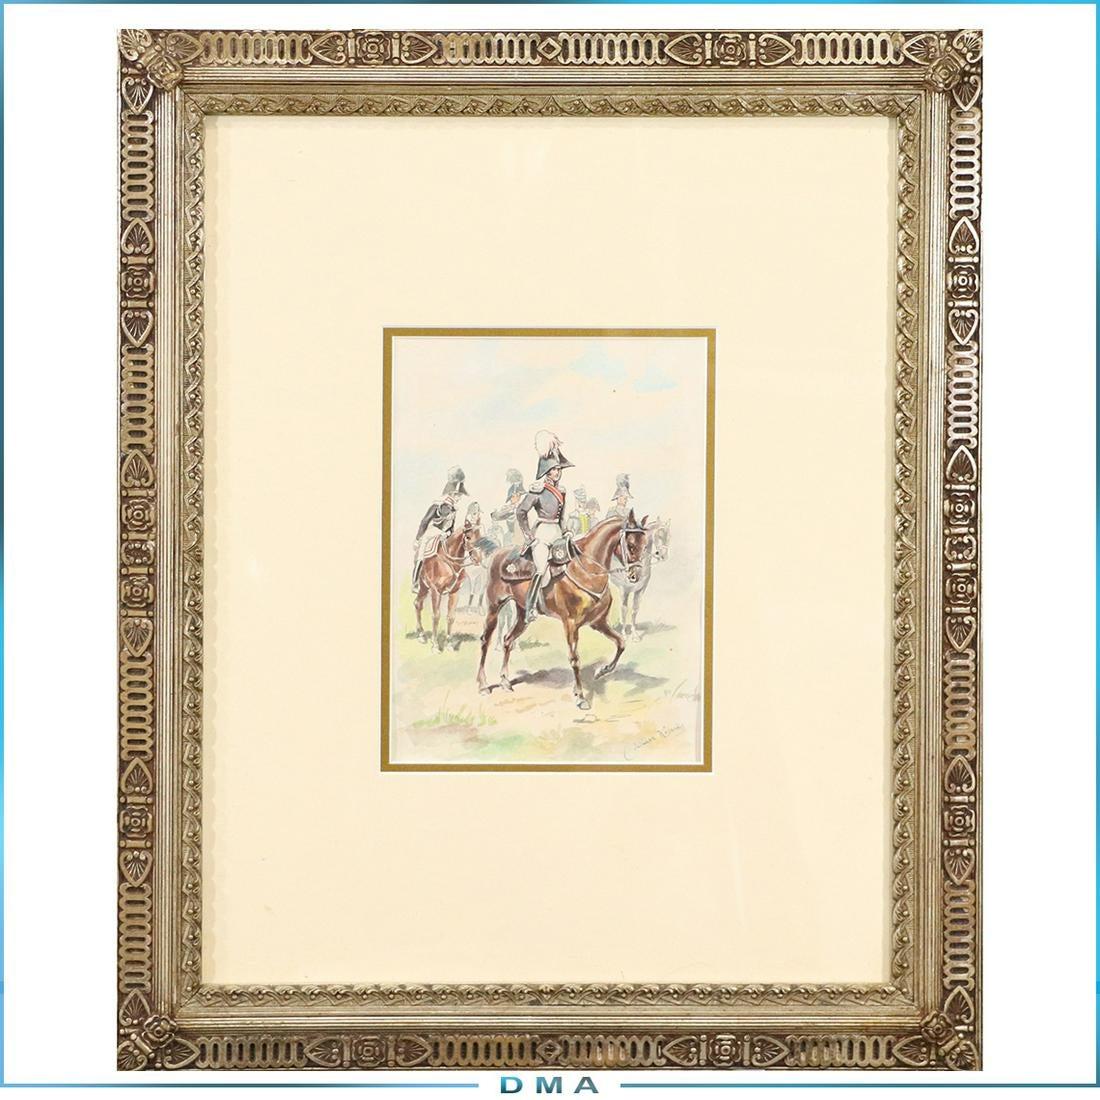 """Juliusz Kossak (1824-1899) """"Przed paradą"""", źródło: Donny Malone Auctions"""